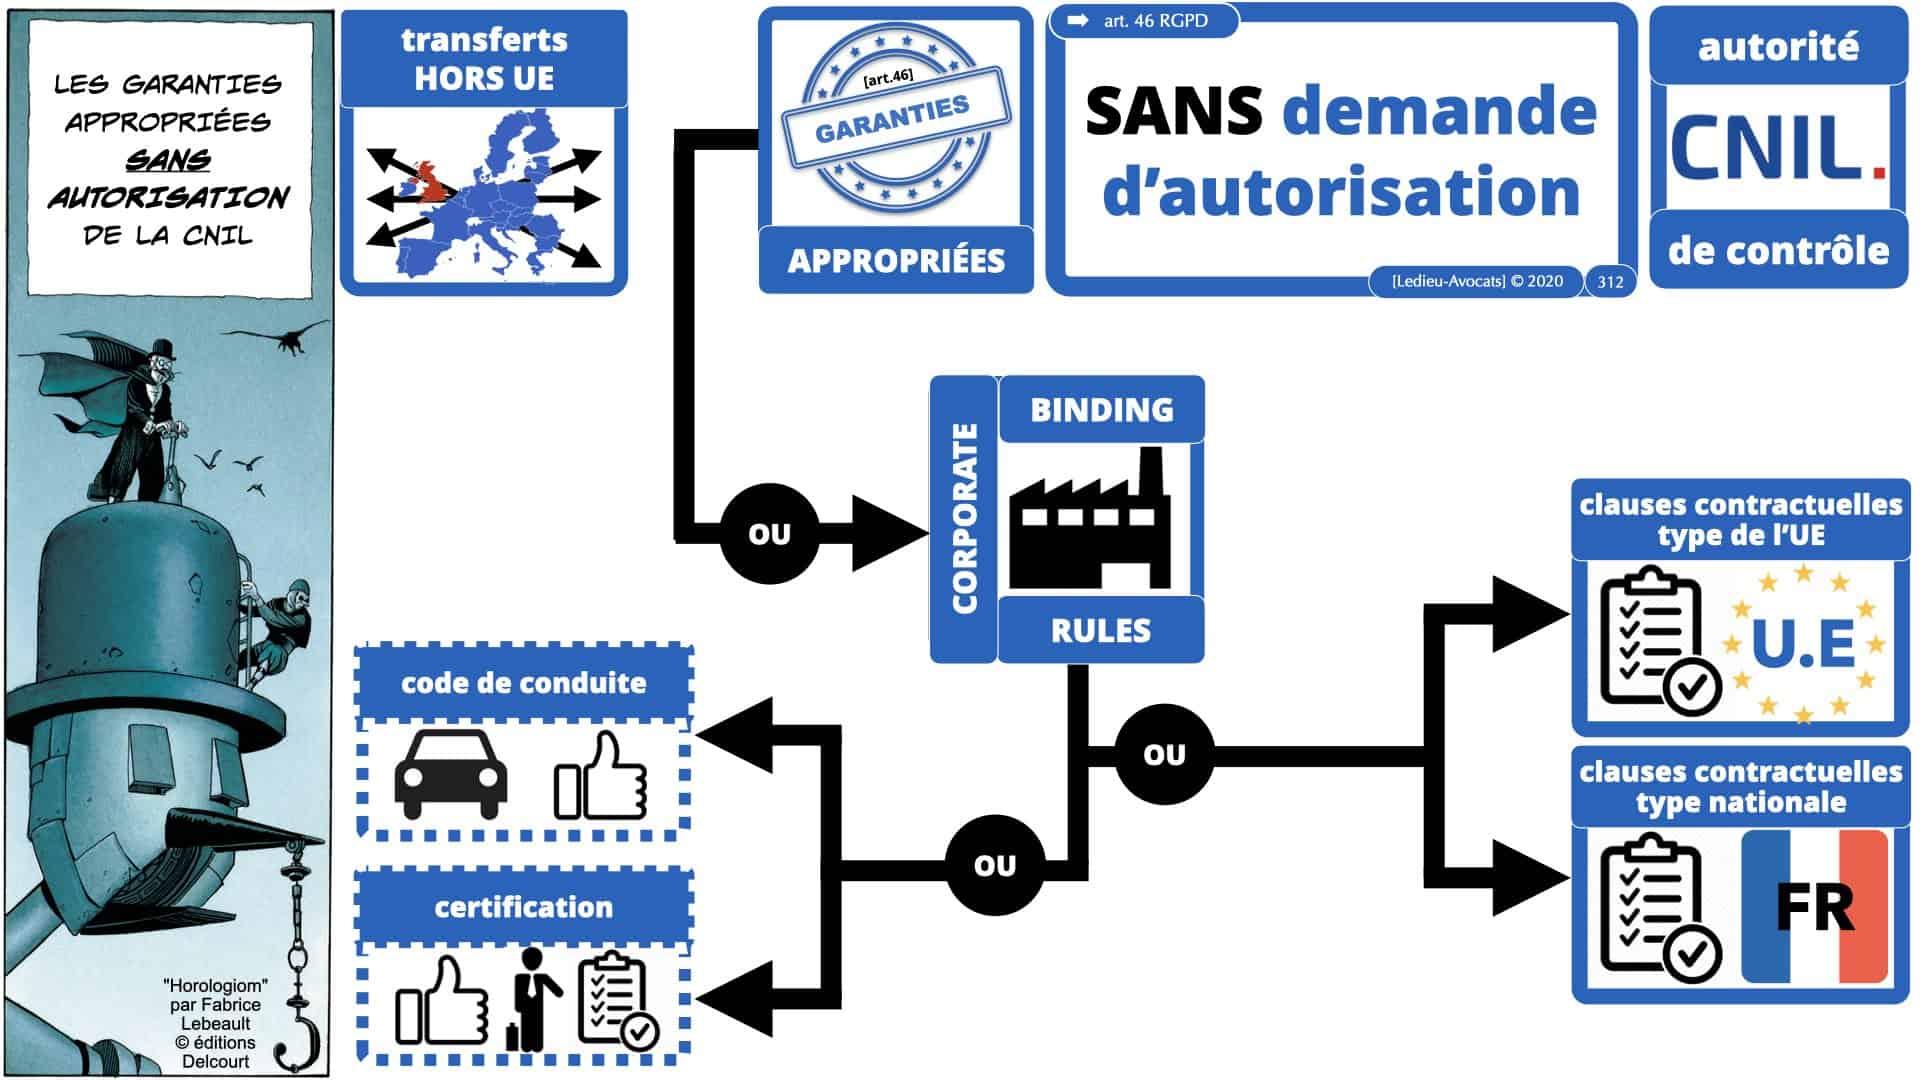 RGPD e-Privacy données personnelles jurisprudence formation Lamy Les Echos 10-02-2021 ©Ledieu-Avocats.312